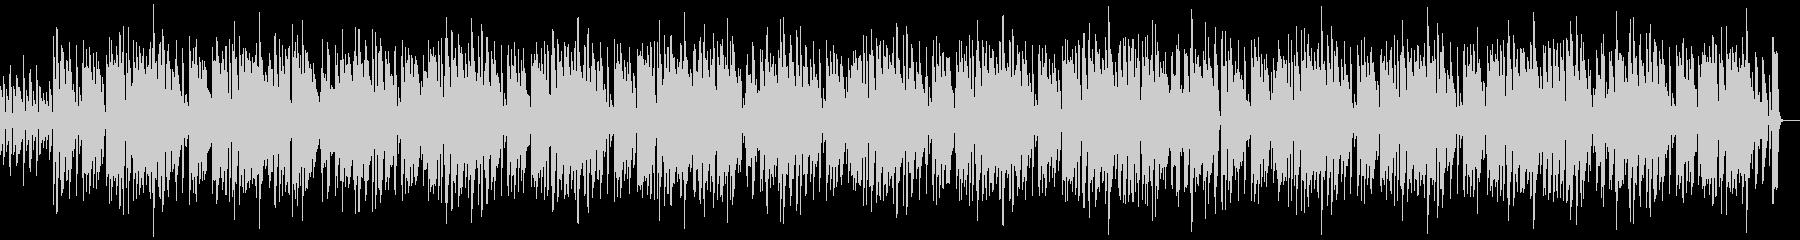 ピアノの明るく陽気なBGM OP ポップの未再生の波形